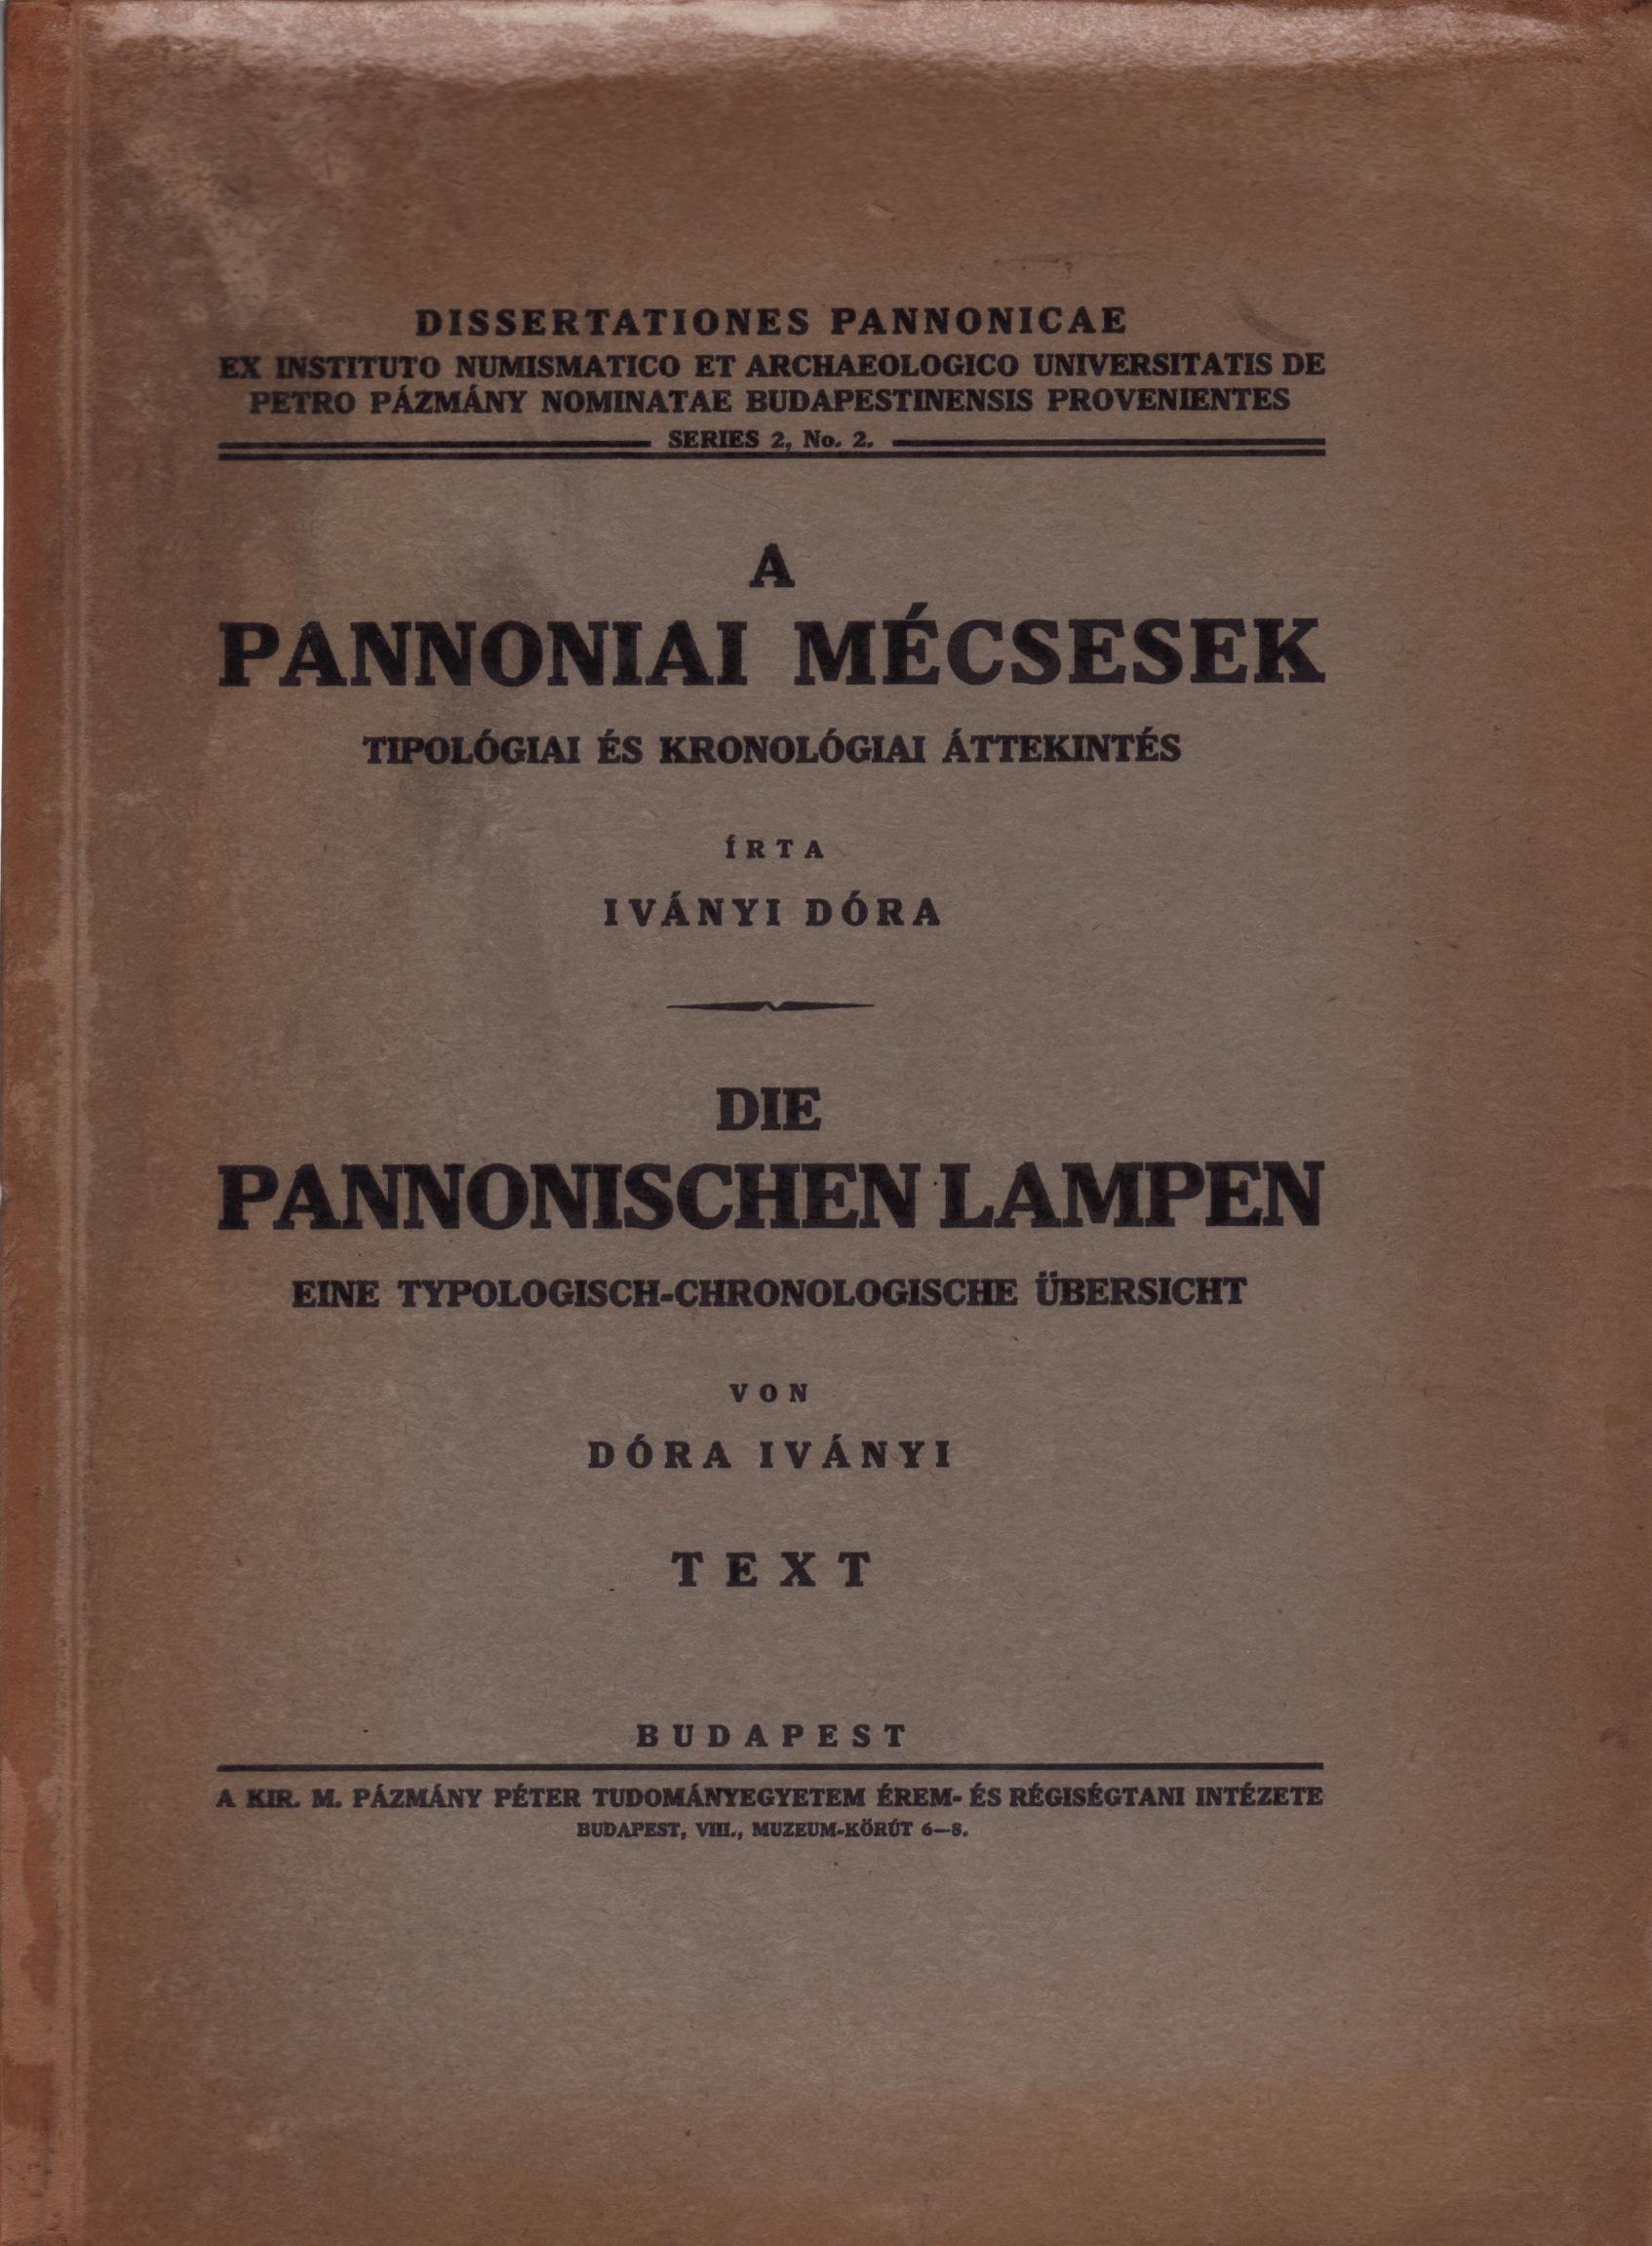 ivanyi 1935